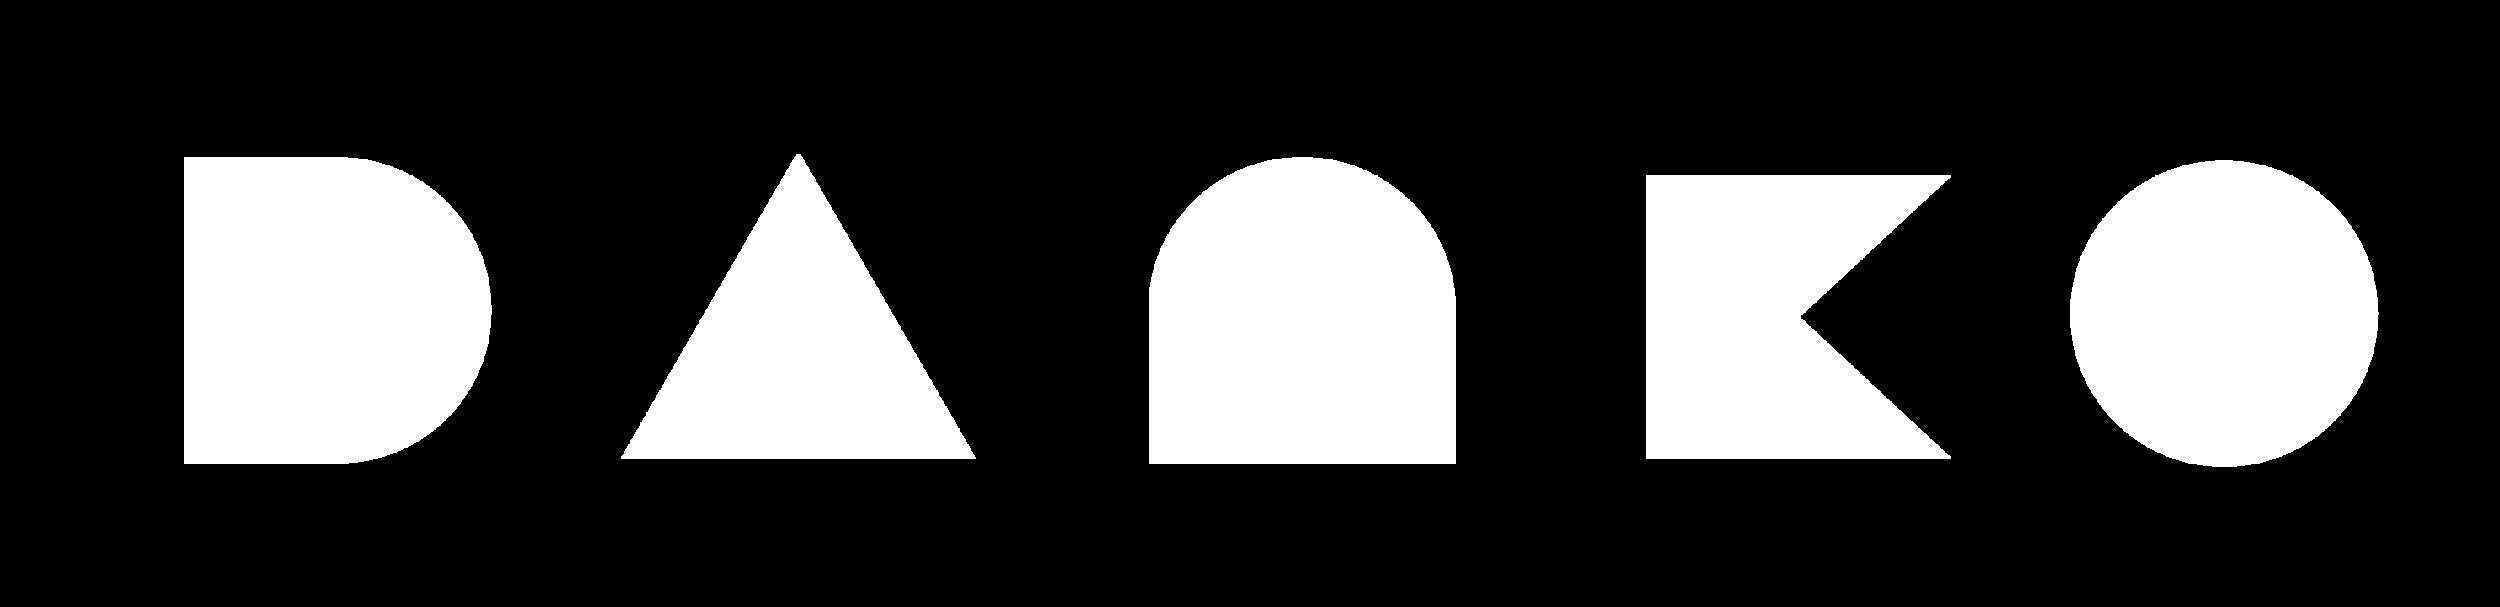 DANKO_white_logo_long.png